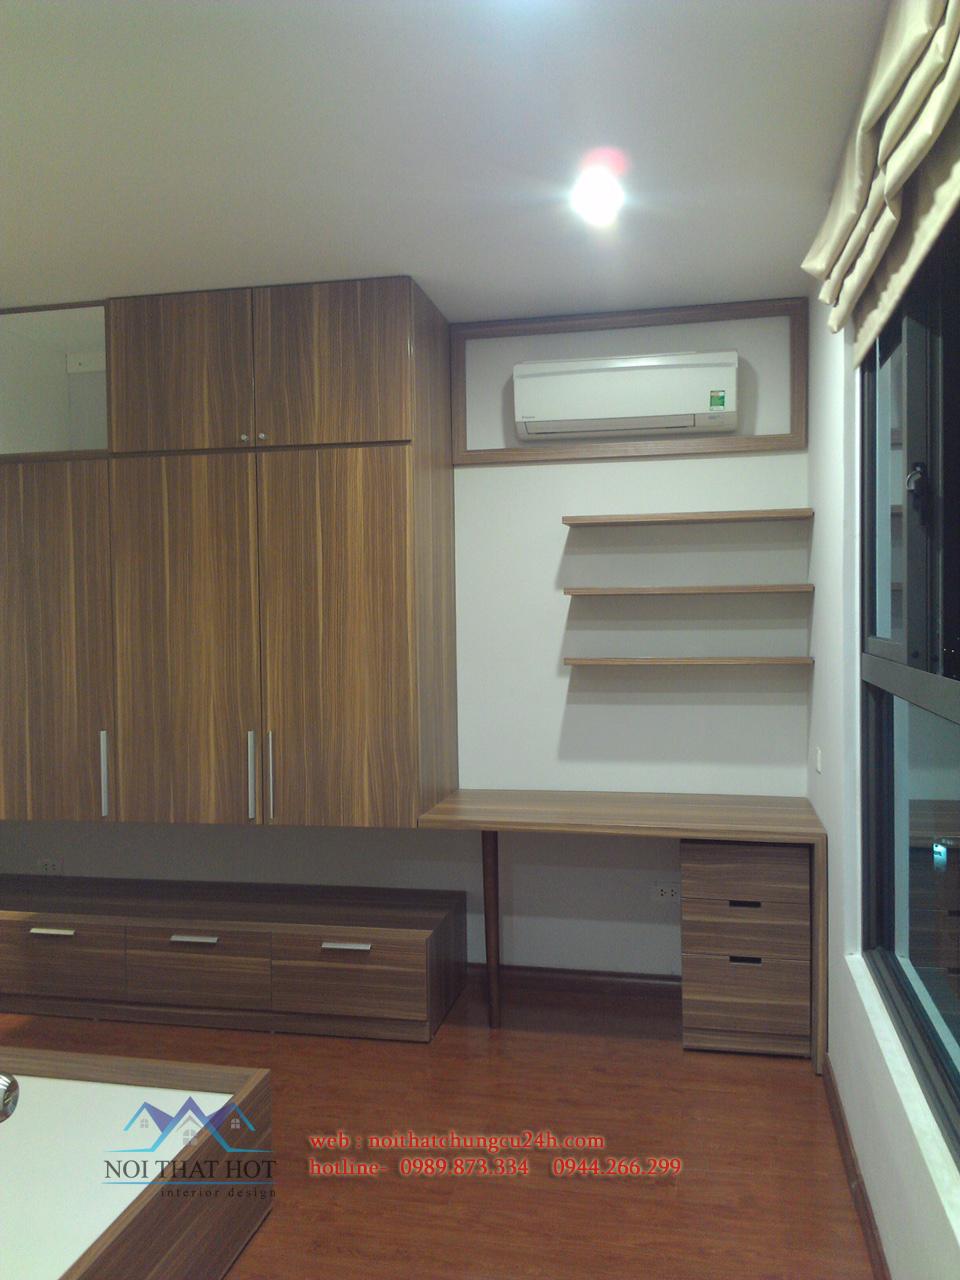 phòng ngủ trong thiết kế nội thất chung cư đẹp